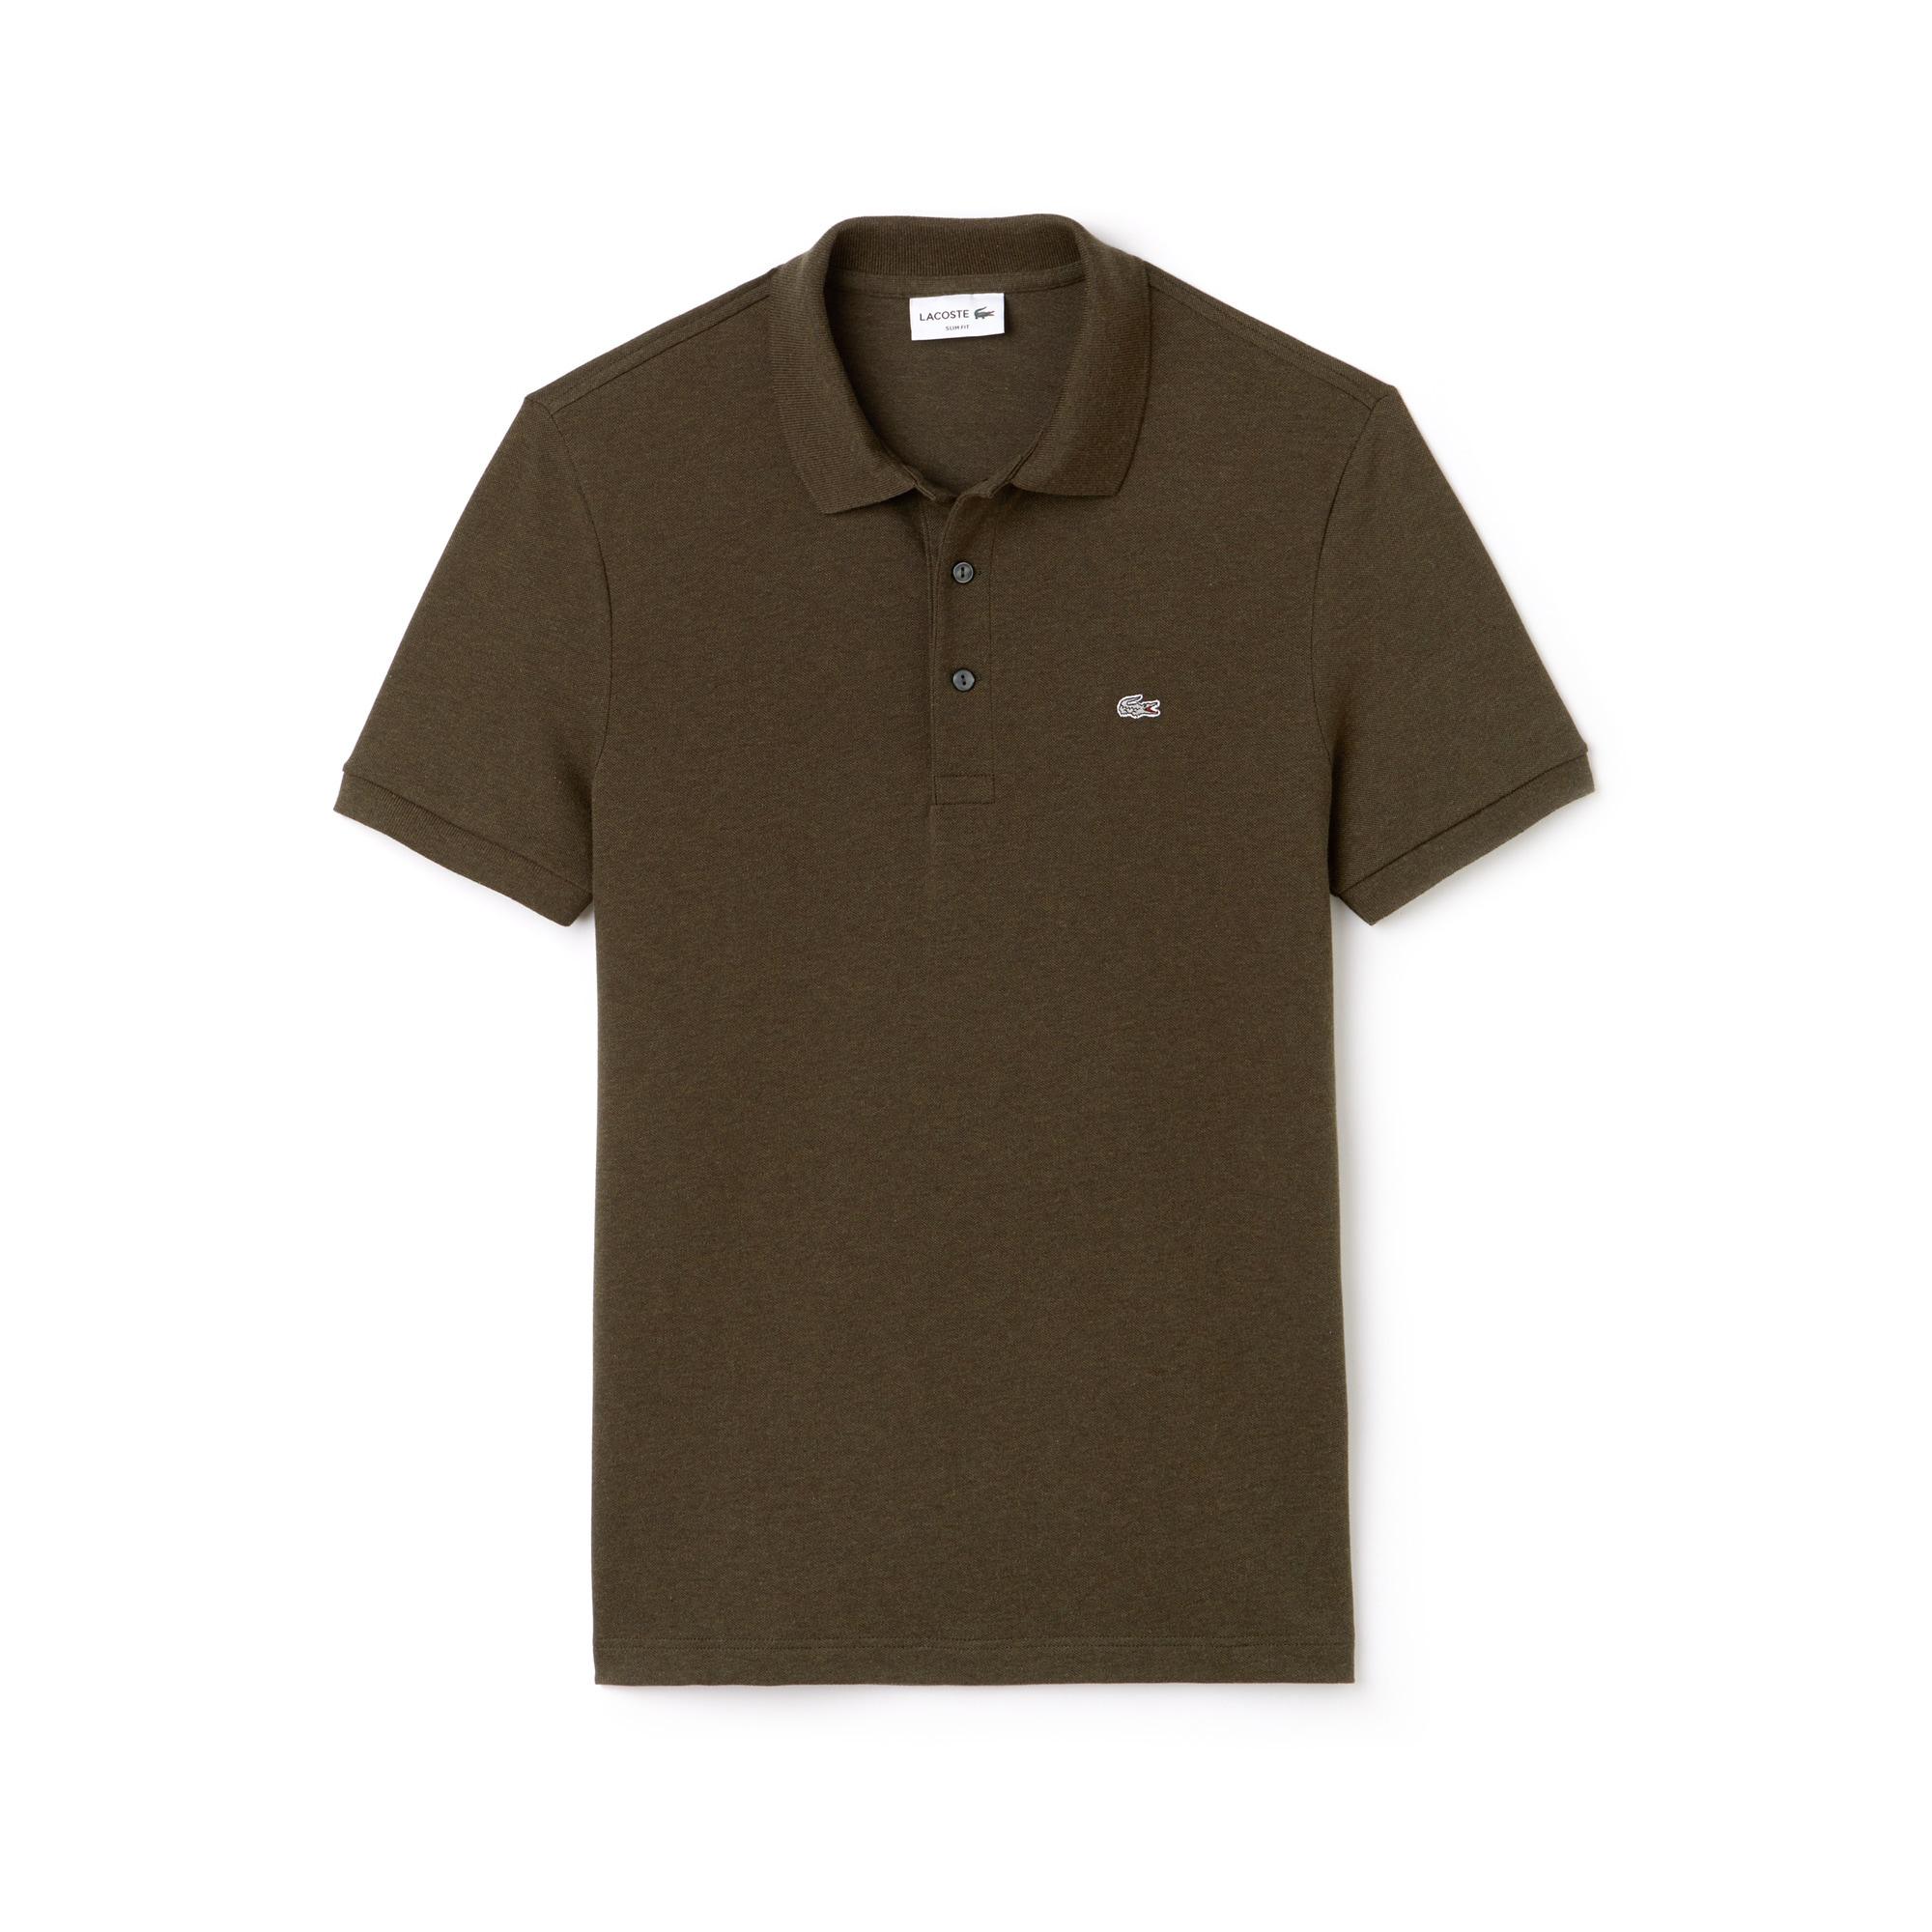 ab49018e27 All Tops | Men's Fashion | LACOSTE